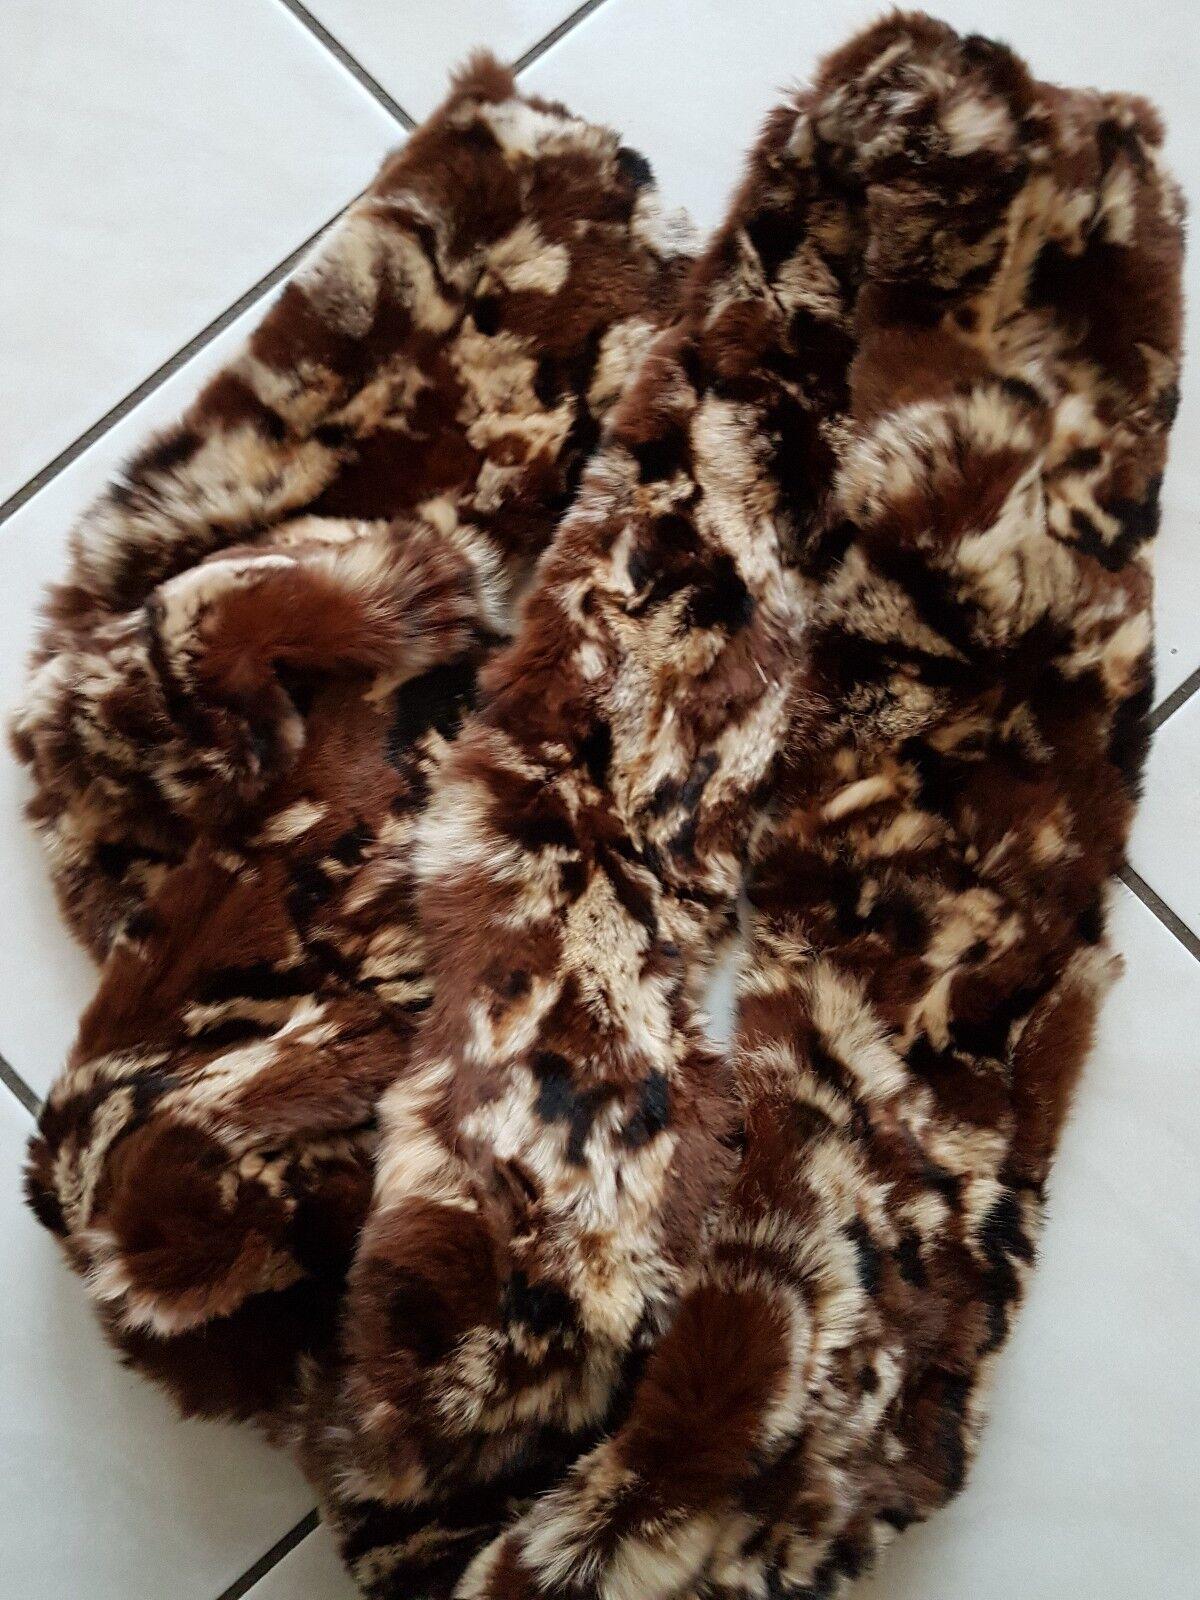 Boutique Ware Echt Fell Pelz Pelz Pelz Rabbit Kragen fest Braun neu nie getragen animal | Erste Kunden Eine Vollständige Palette Von Spezifikationen  | Haltbarer Service  | Tadellos  3a32d9